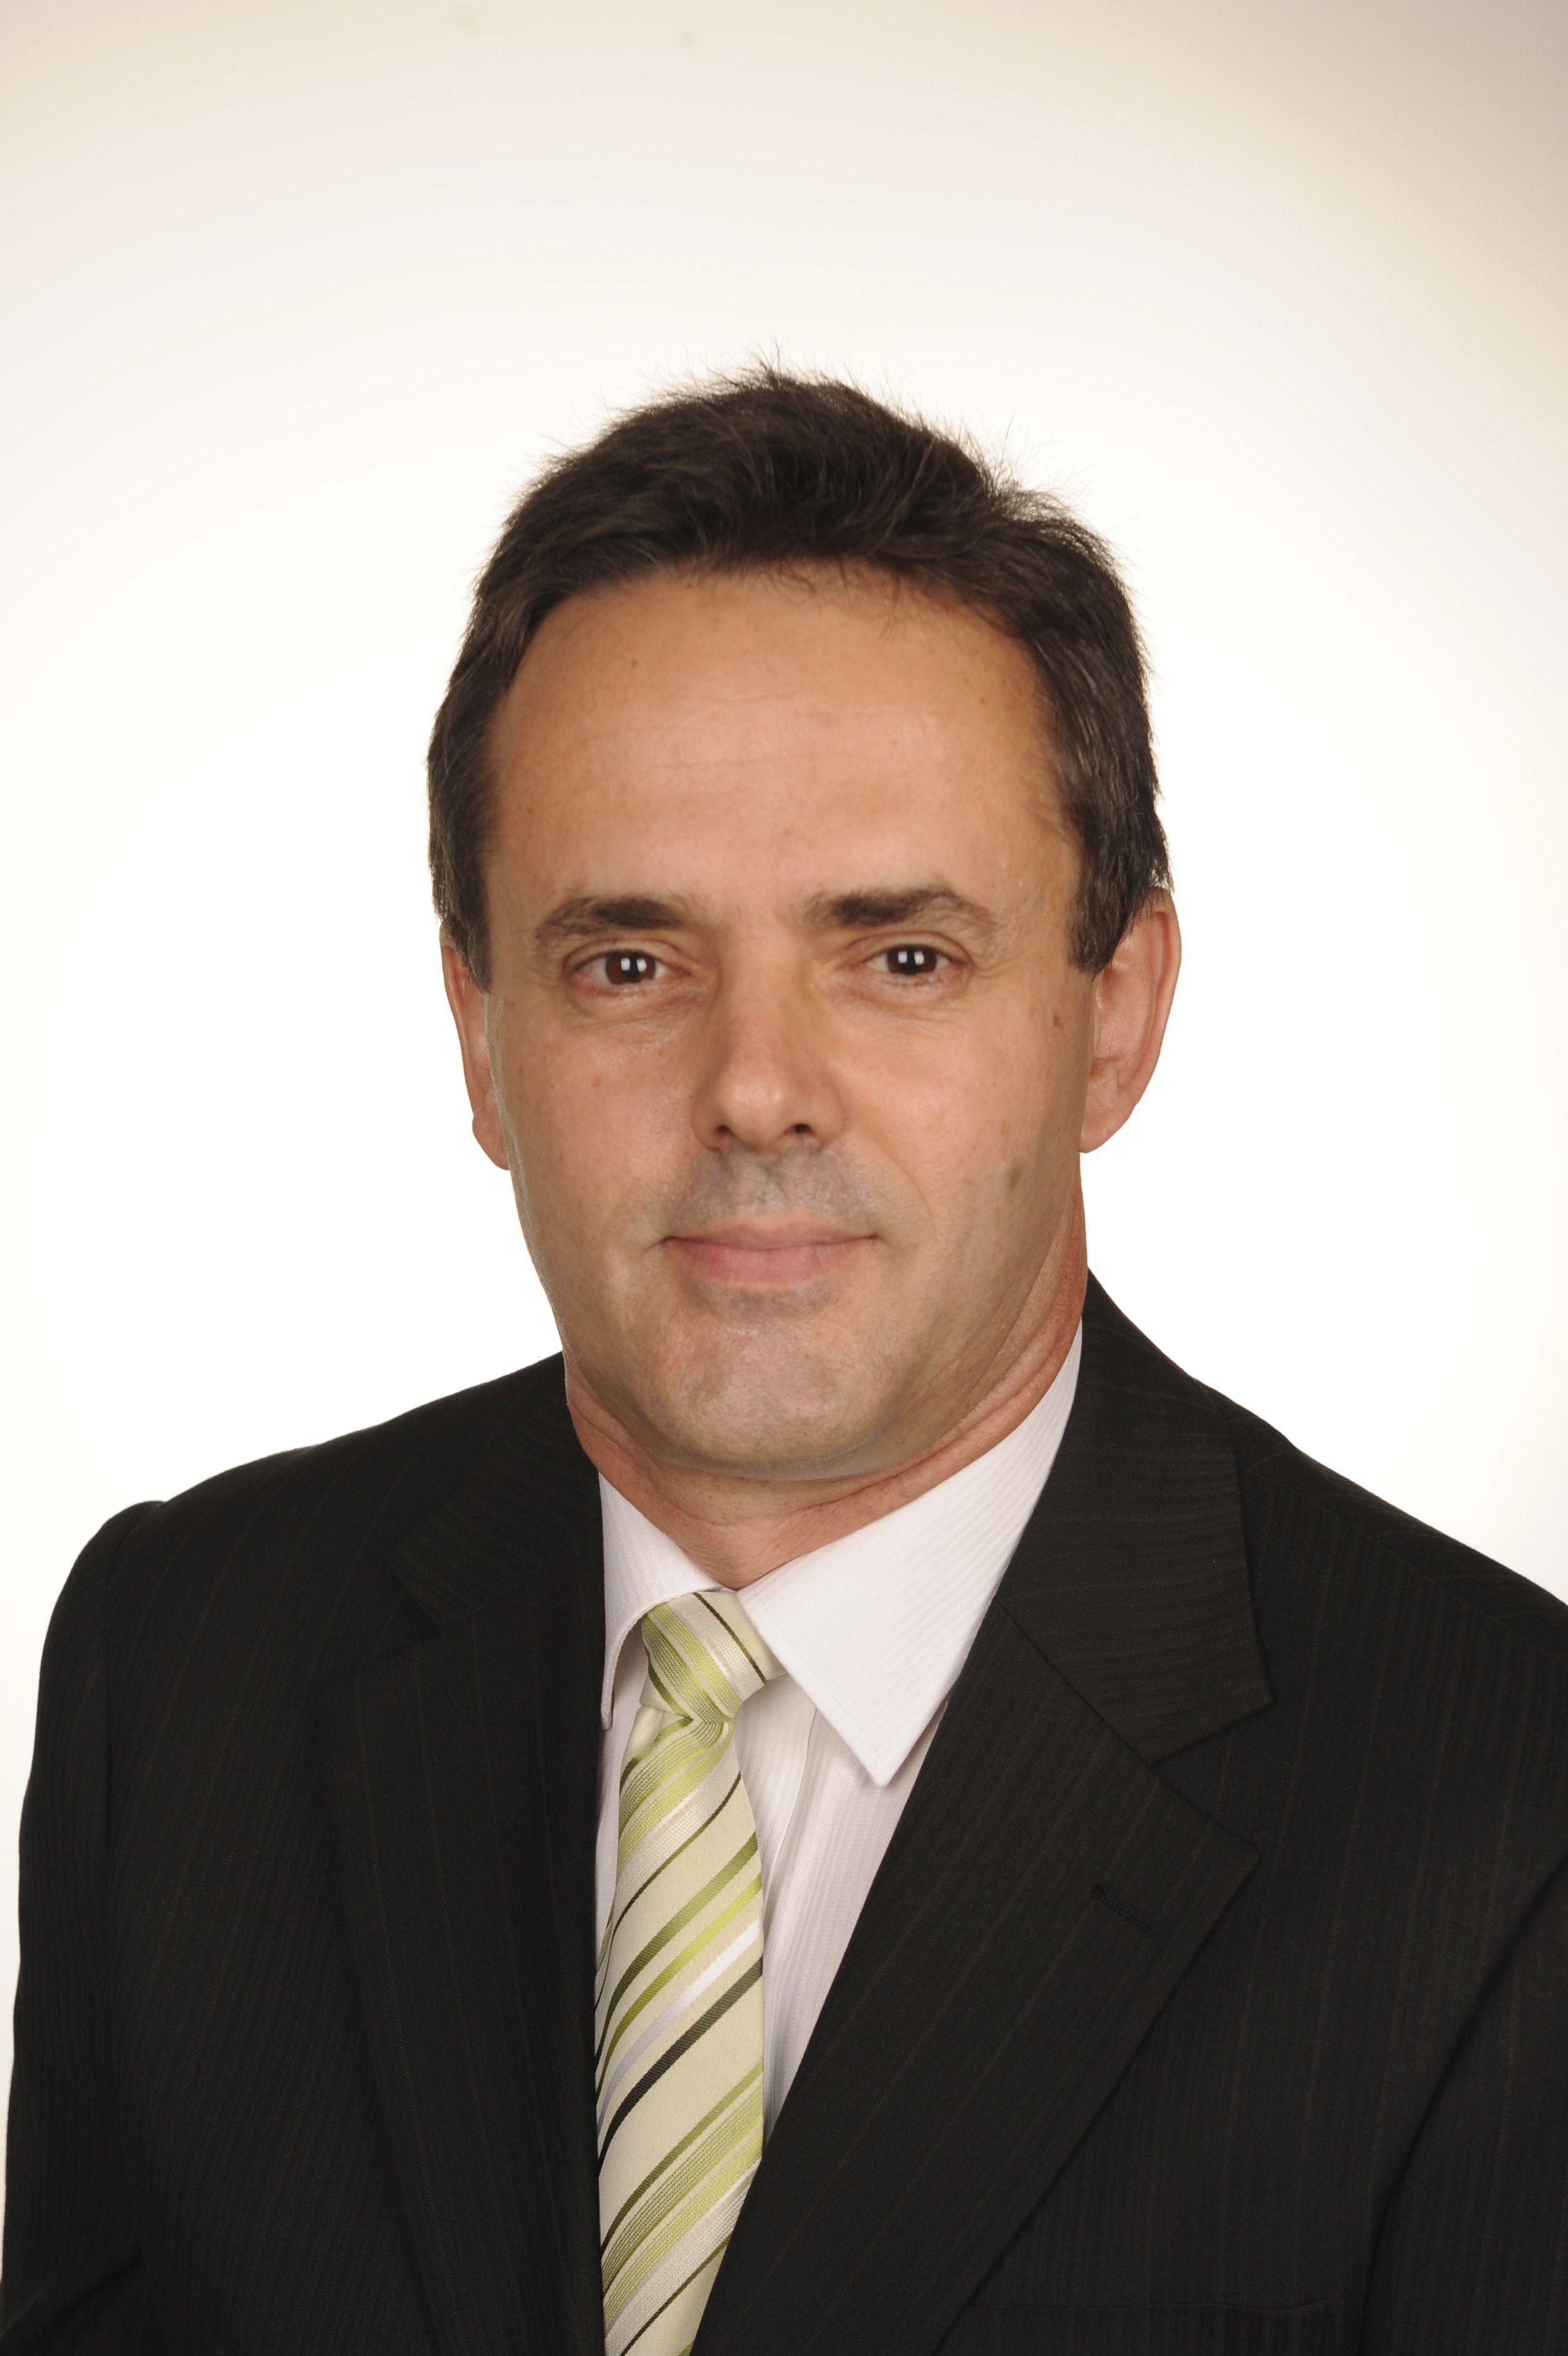 Paul Susana